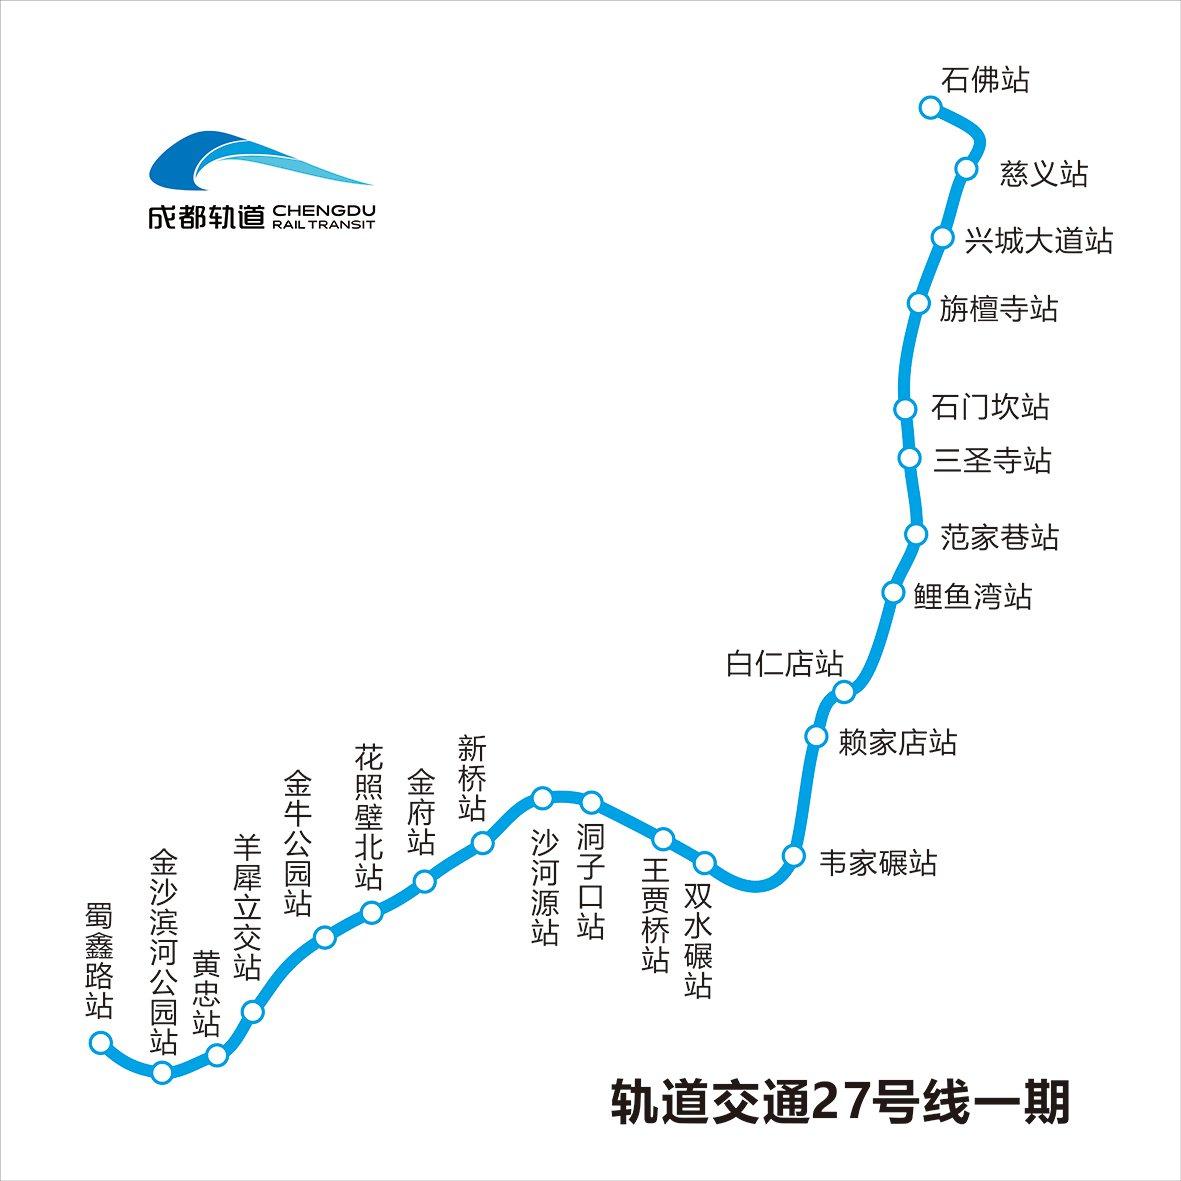 成都地鐵27號線站點詳細位置